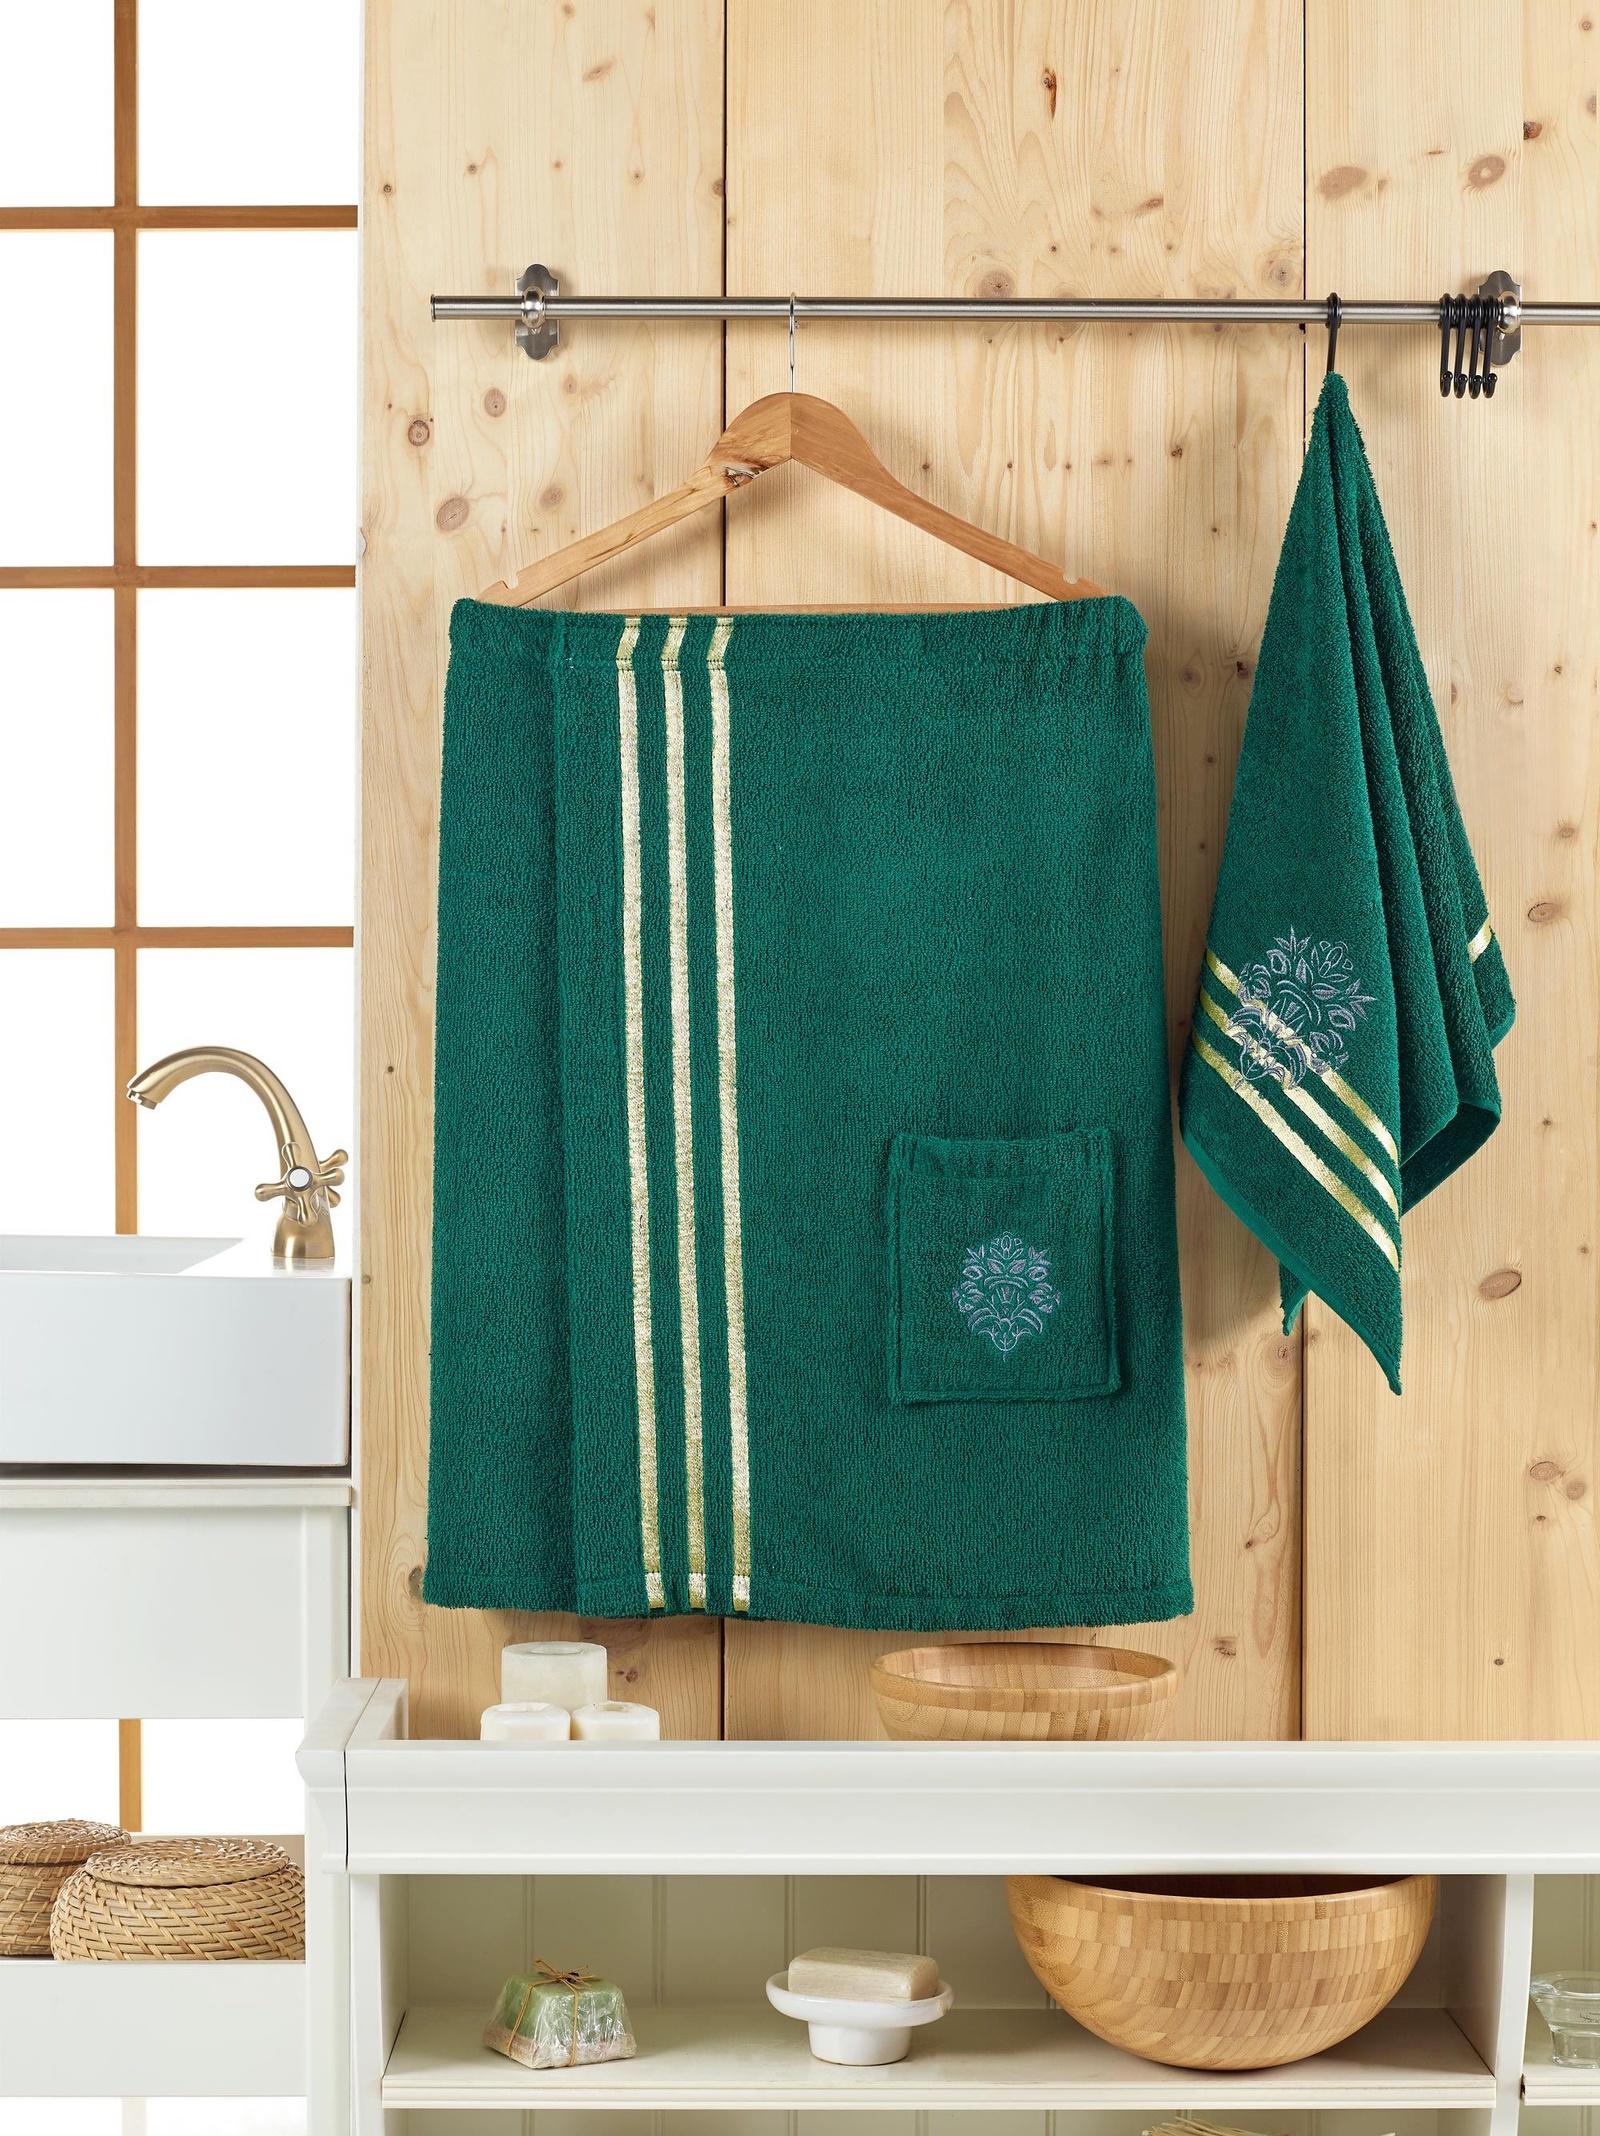 Банный комплект JUANNA Сауна женская SEVAKIN_темно-зеленый, темно-зеленый банный комплект juanna сауна женская sevakin коричневый коричневый